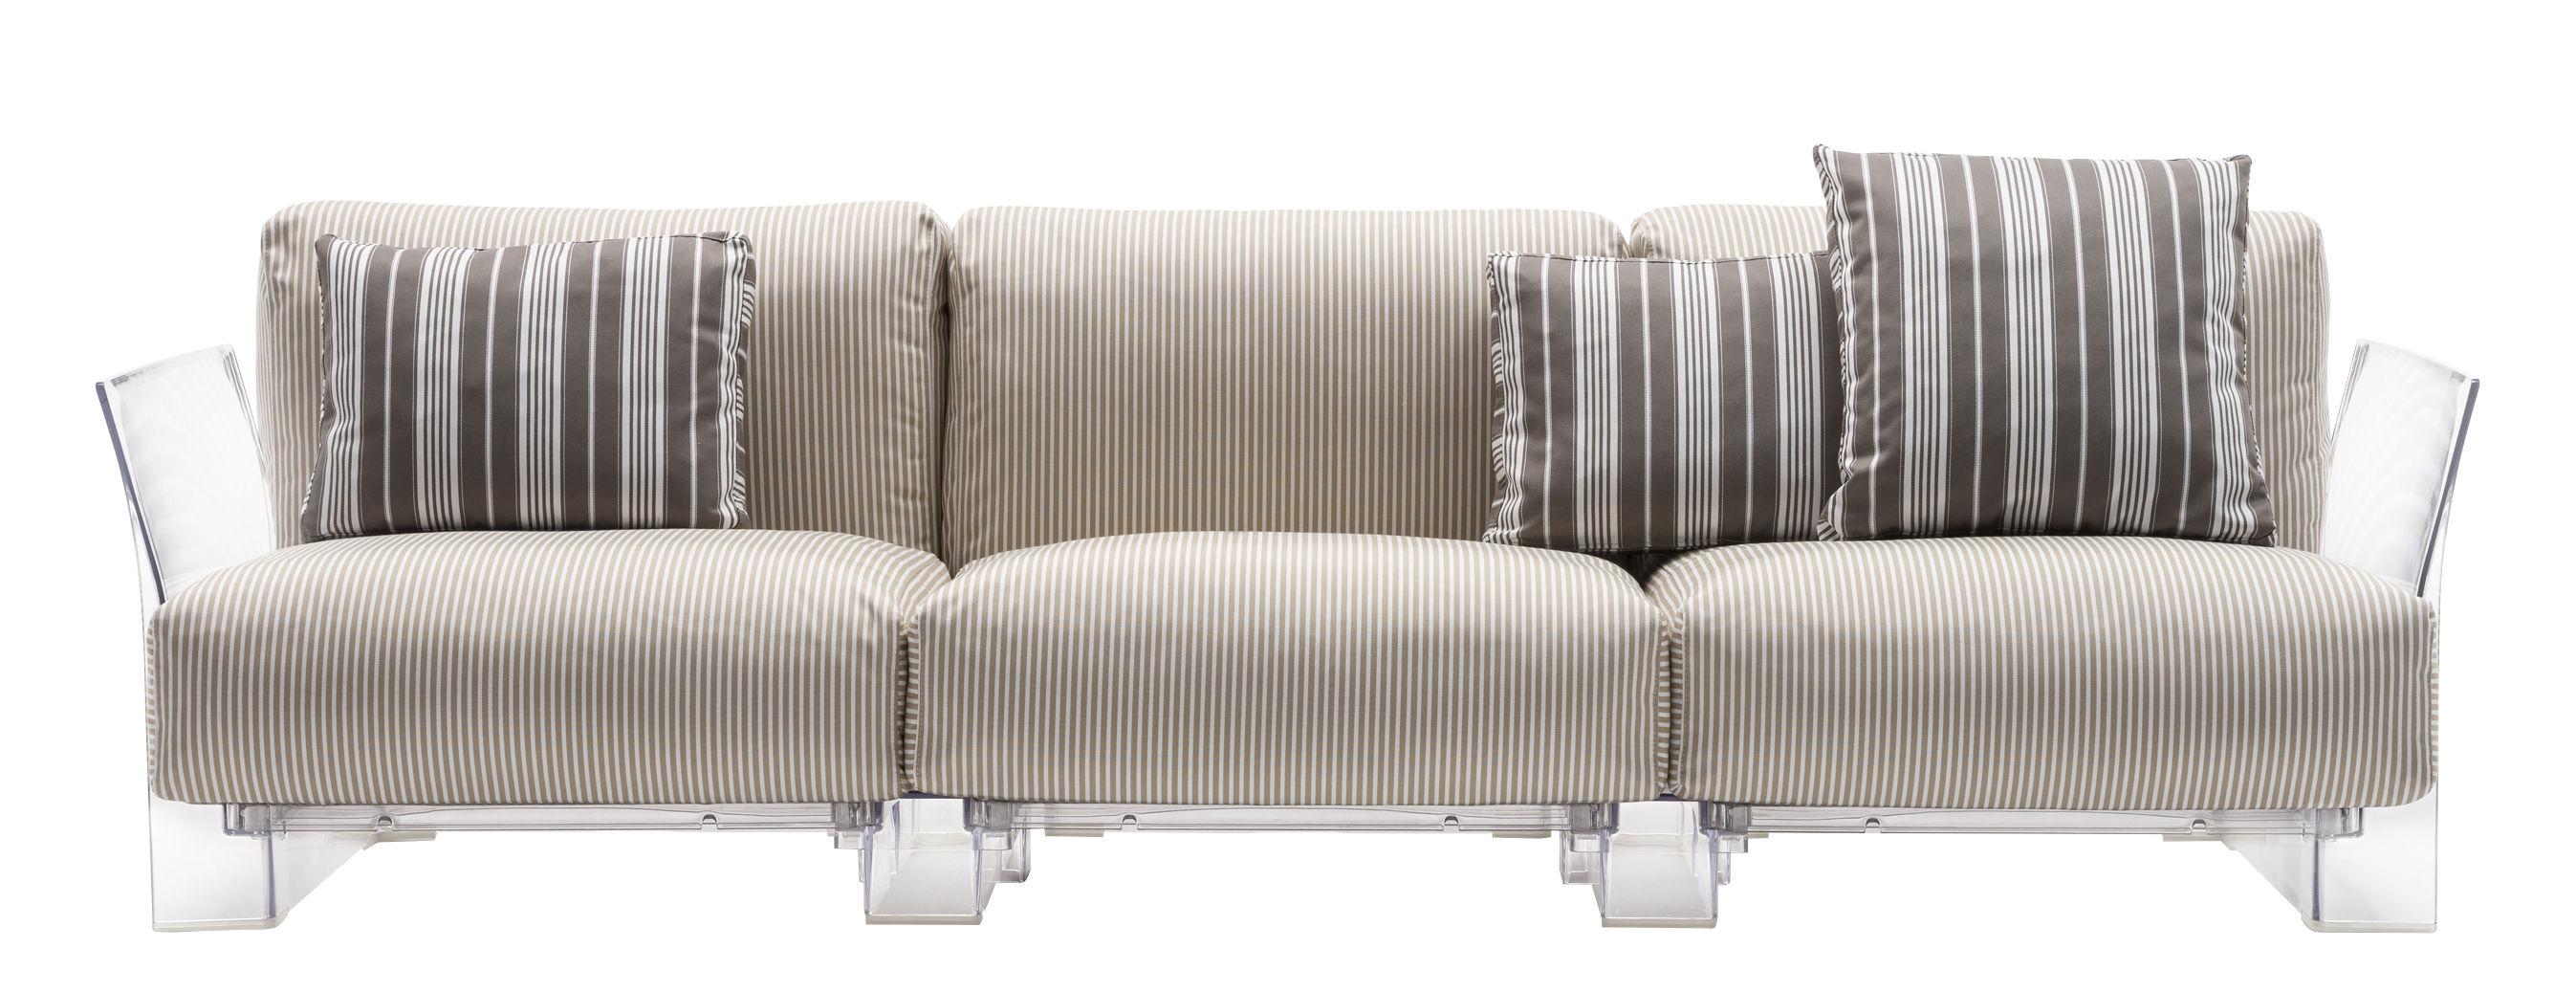 Möbel - Sofas - Pop outdoor Sofa / 3-Sitzer - L 255 cm - Kartell - Beigefarbene Streifen / transparent - geschäumtes Polyurhethan, Polykarbonat, Wasserabweisender Stoff